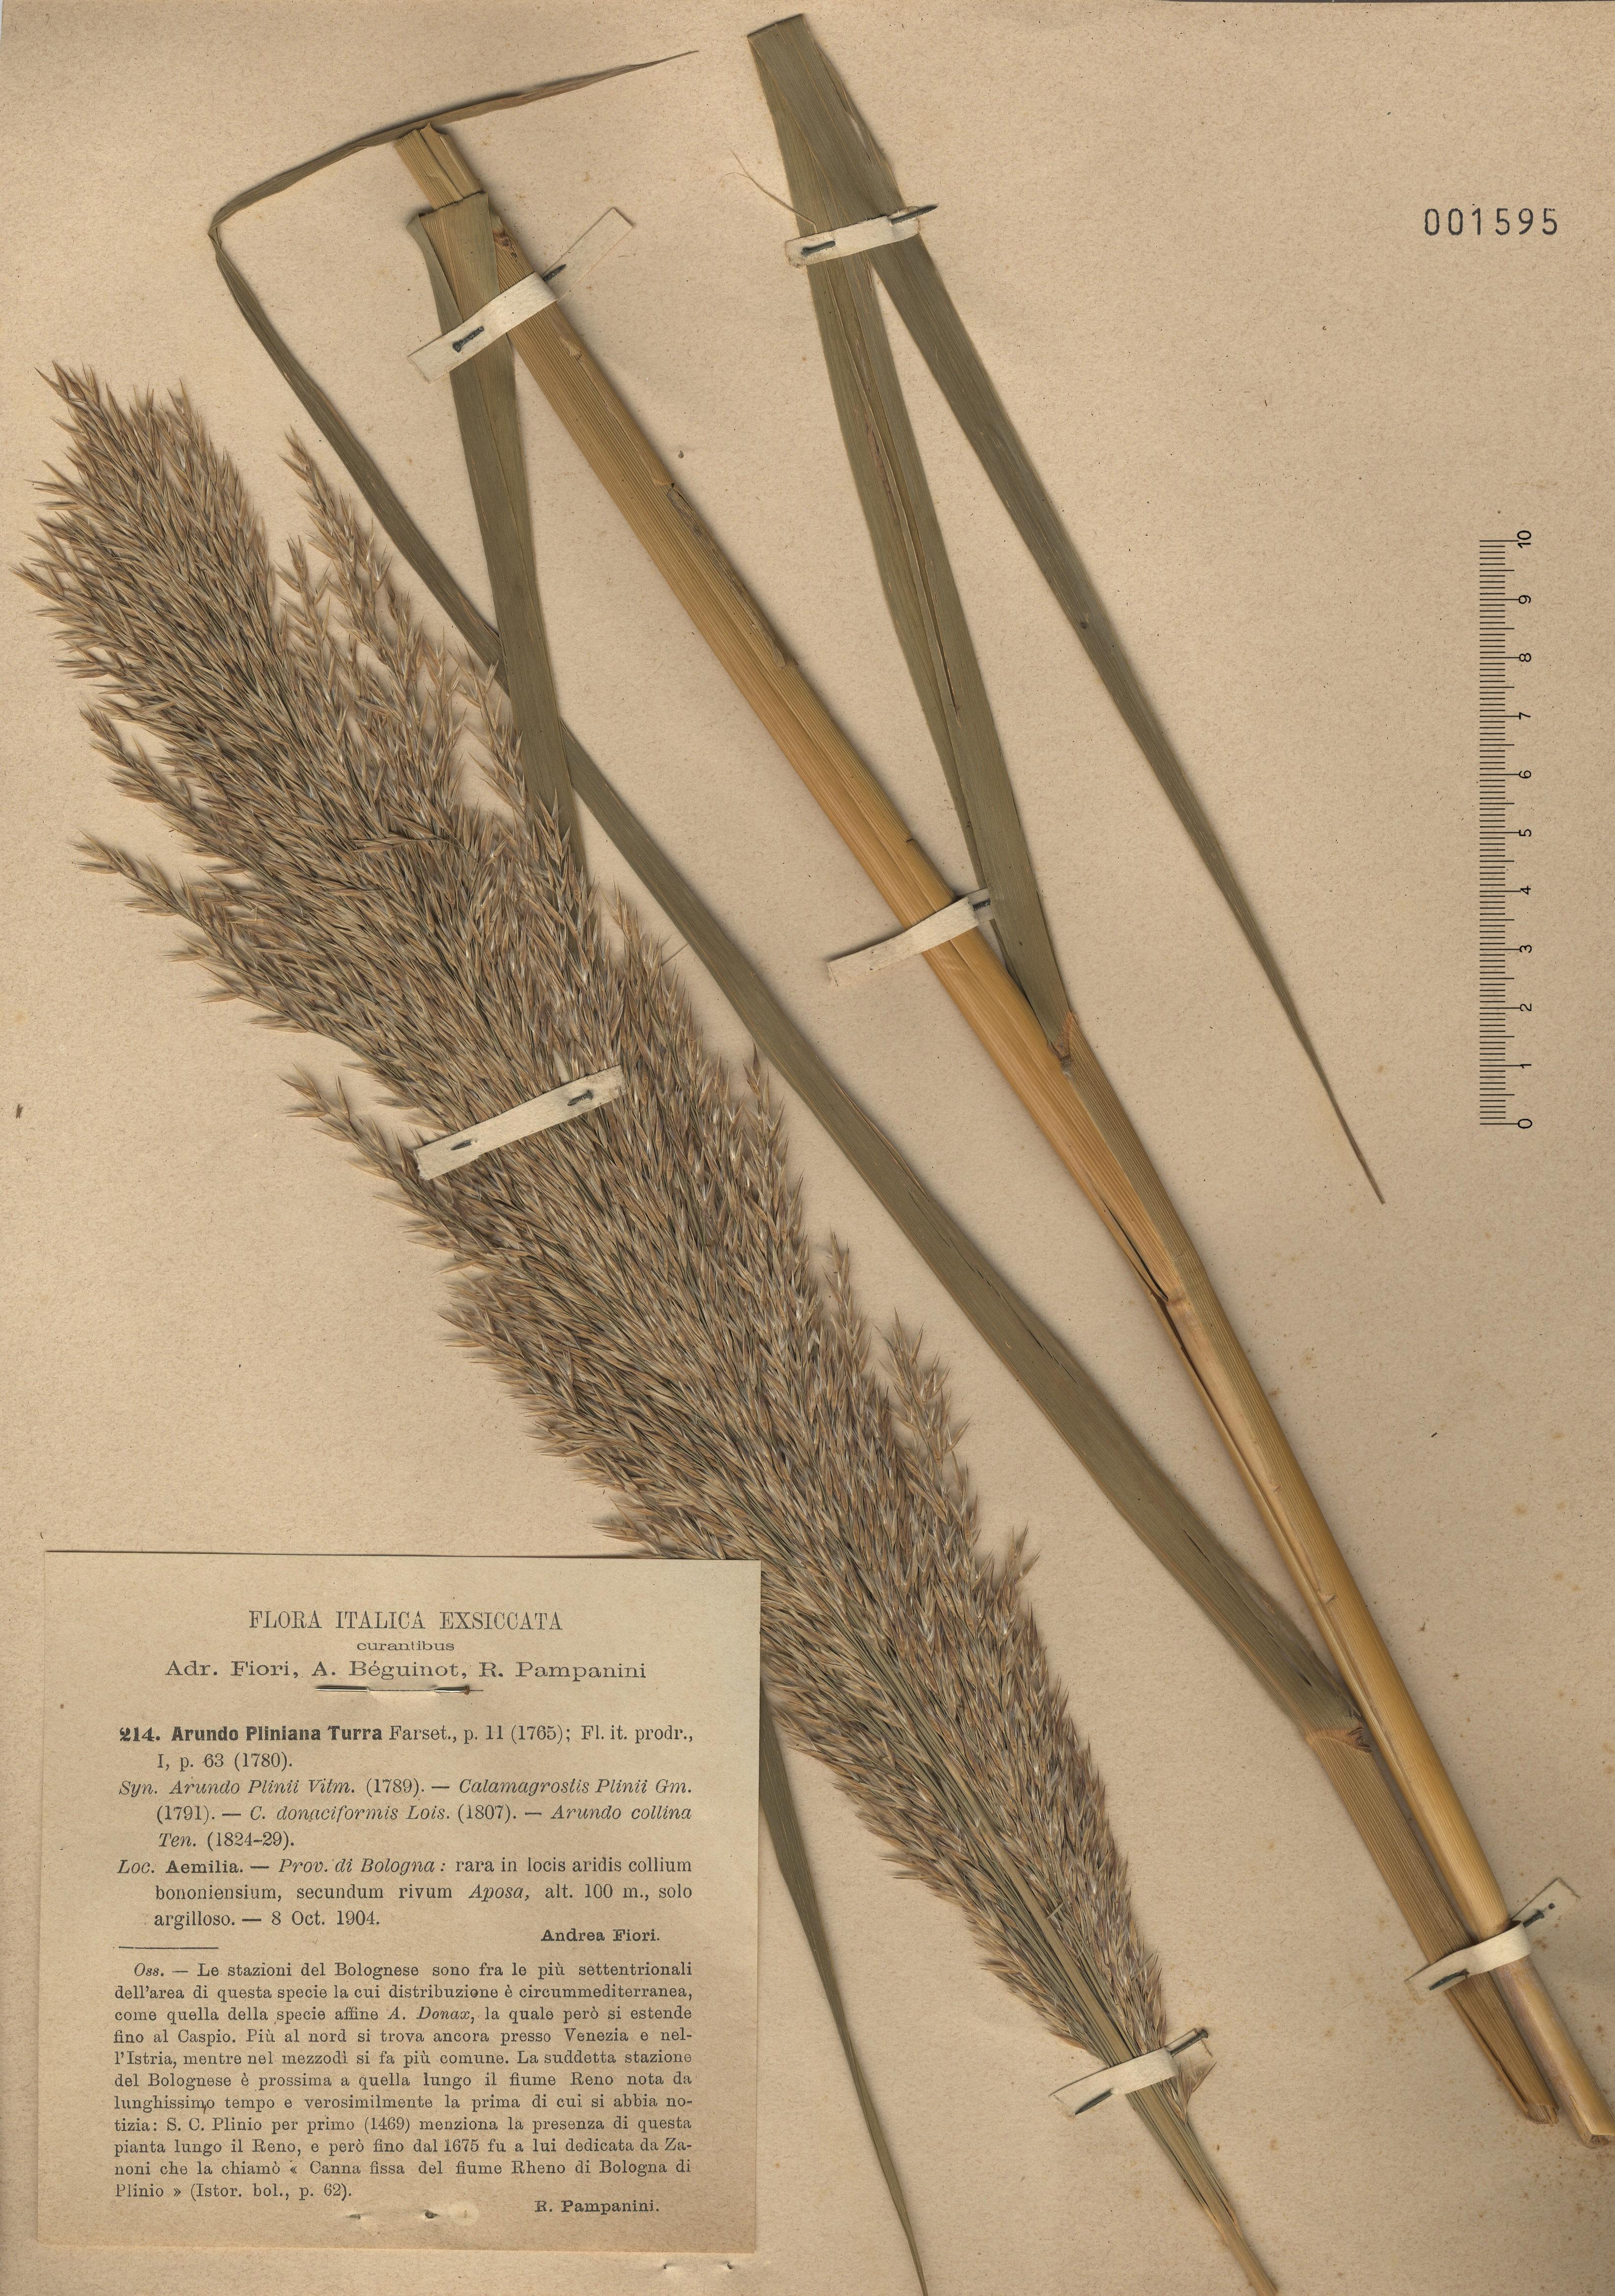 © Hortus Botanicus Catinensis - Herb. sheet 001595<br>